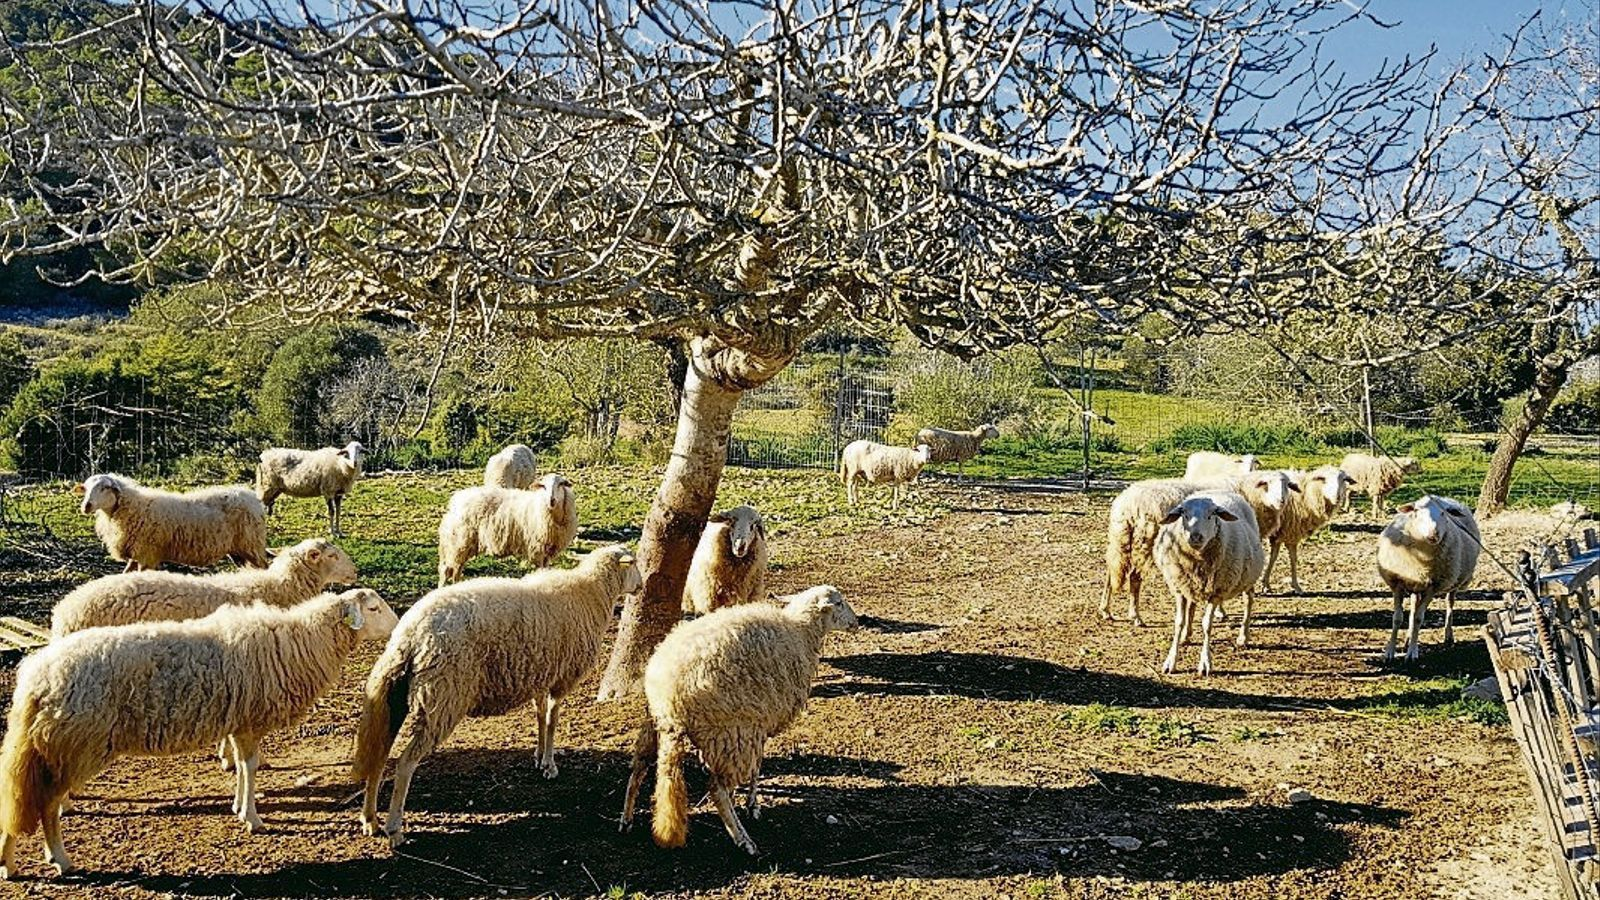 L'ovella i la cabra d'Eivissa, les races autòctones més amenaçades de l'Estat